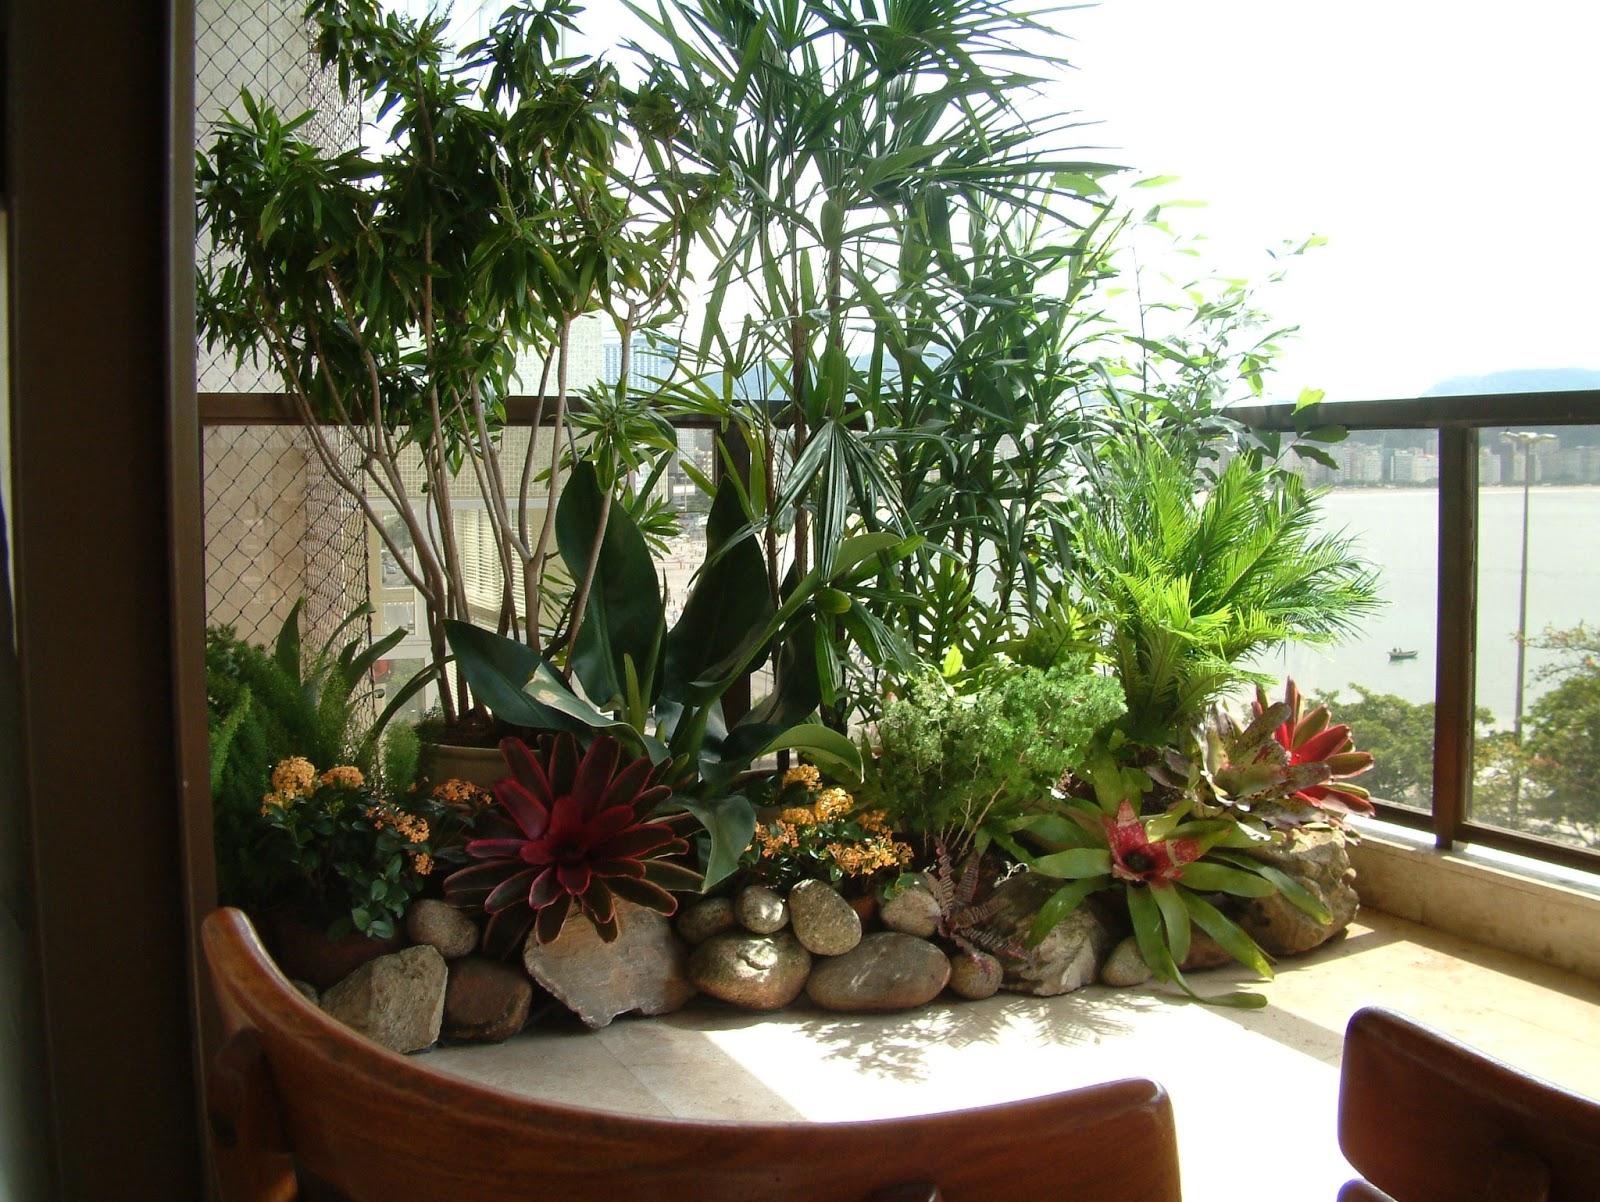 decoracao jardim varanda:CASA MIDDAS: Decoração de Varandas de  #749C2F 1600x1202